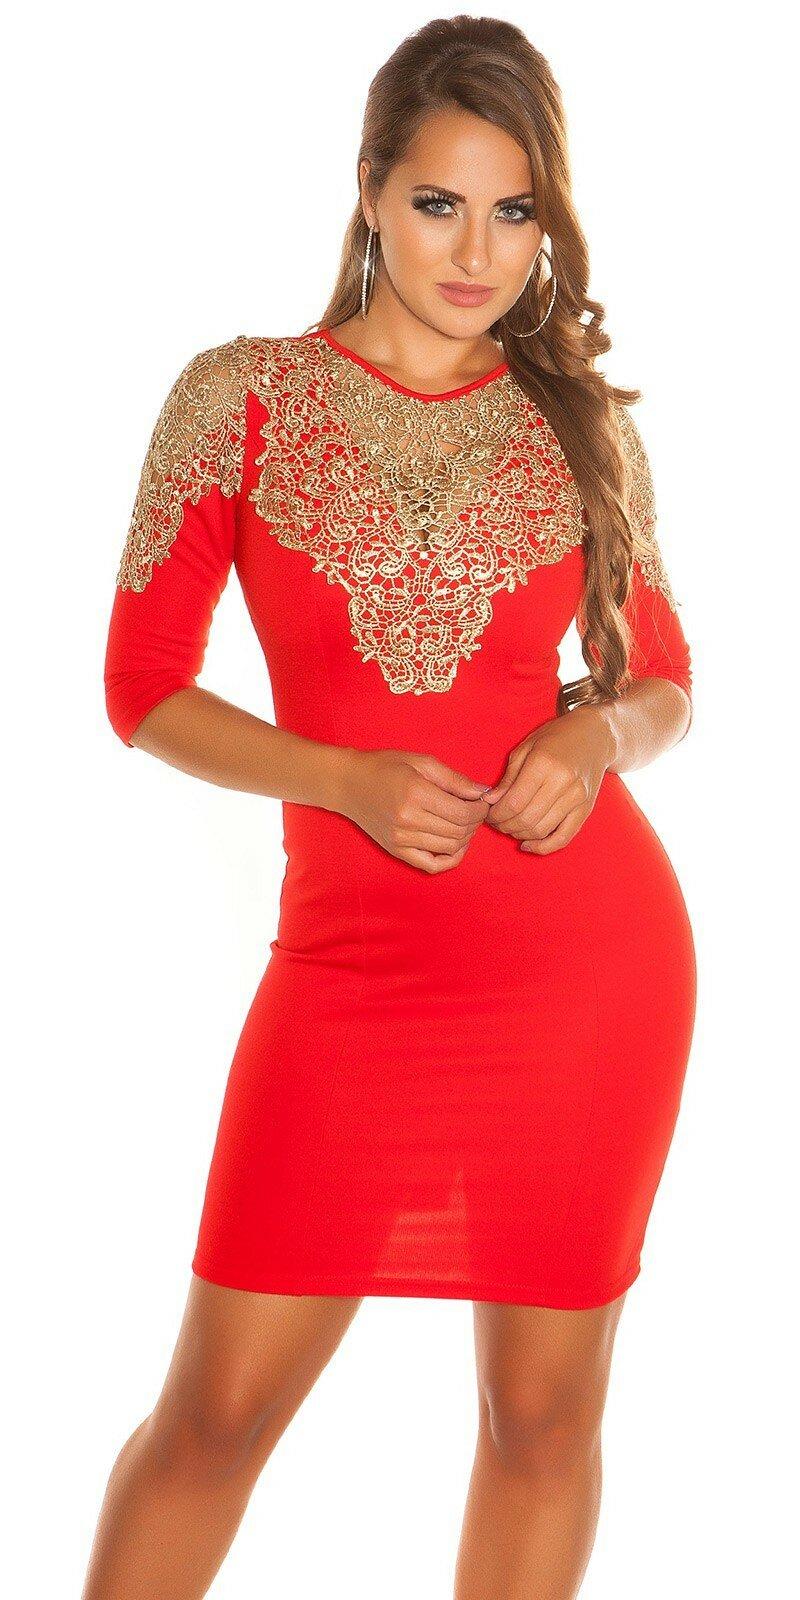 6049838a0d80 Dámske Štýlové šaty so zlatou čipkou  Veľkosť L Farba Červená